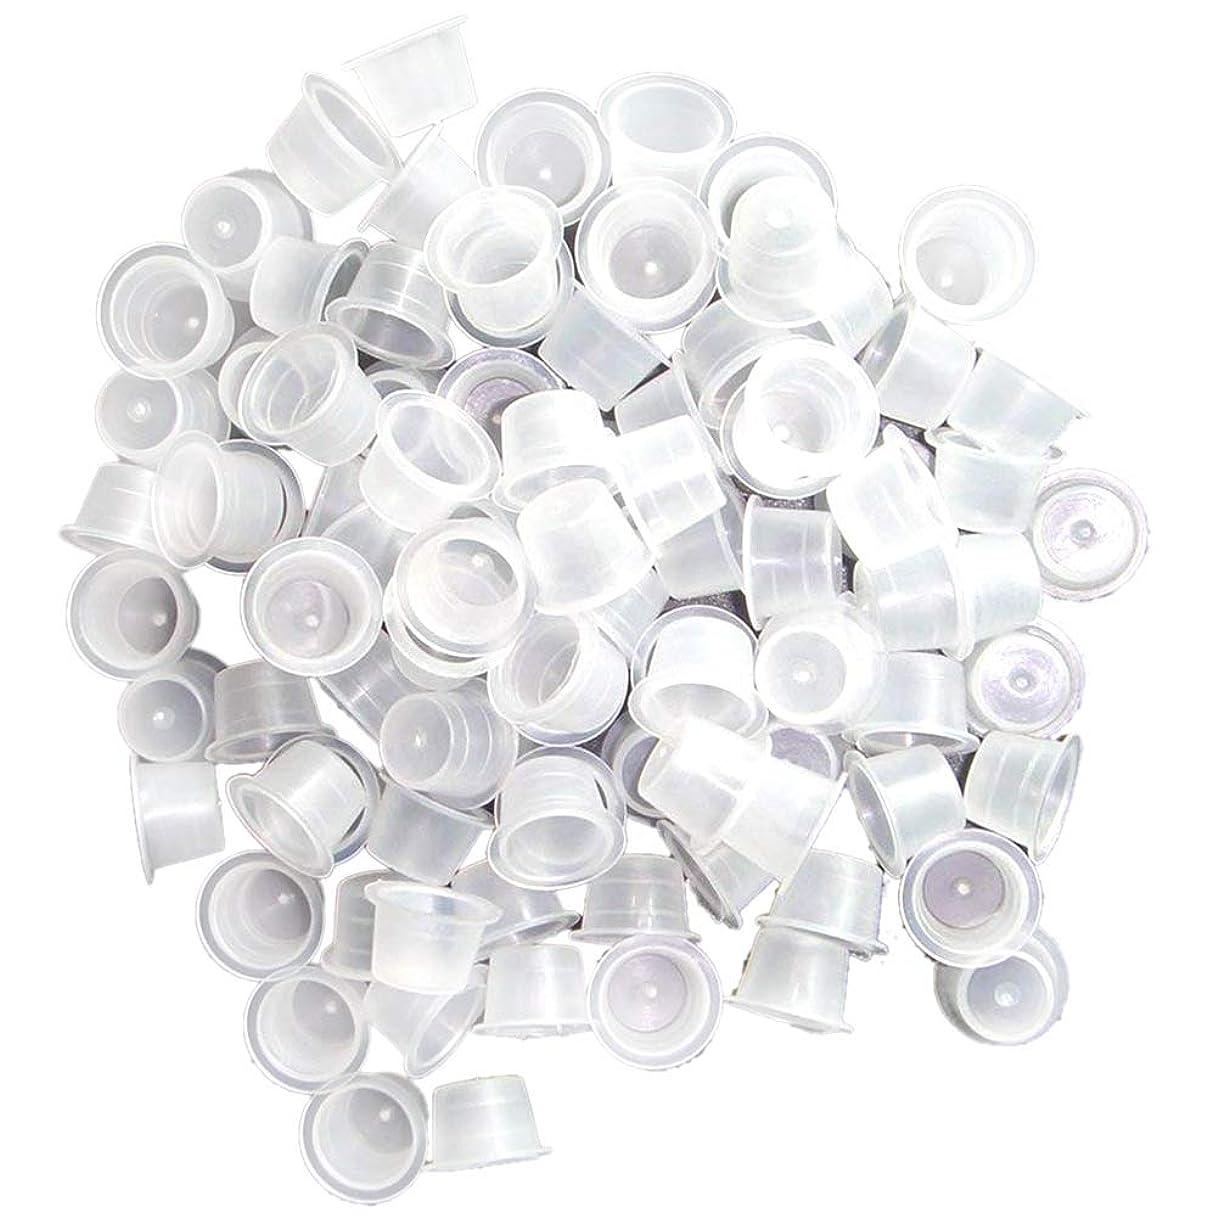 望みペネロペエスカレートSemoic 顔料カップ、300個 / バッグ 13mm ミディアム タトゥー インク リング 使い捨てマイクロブレード用 顔料カップ